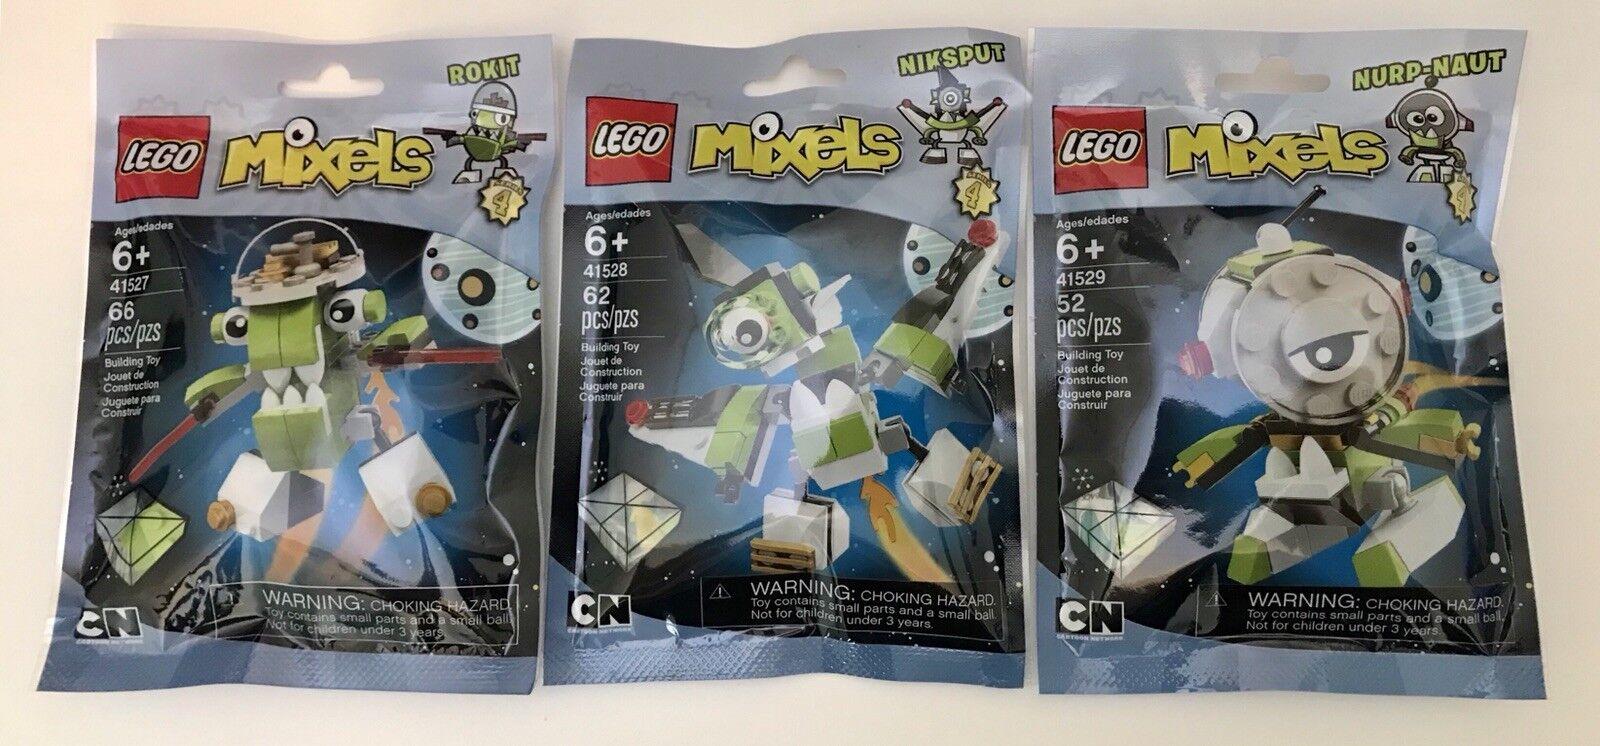 NEW LEGO Mixels Series 4 Rokit Niksput Nurp-Naut MAX ORBITONS 41529 41528 41527